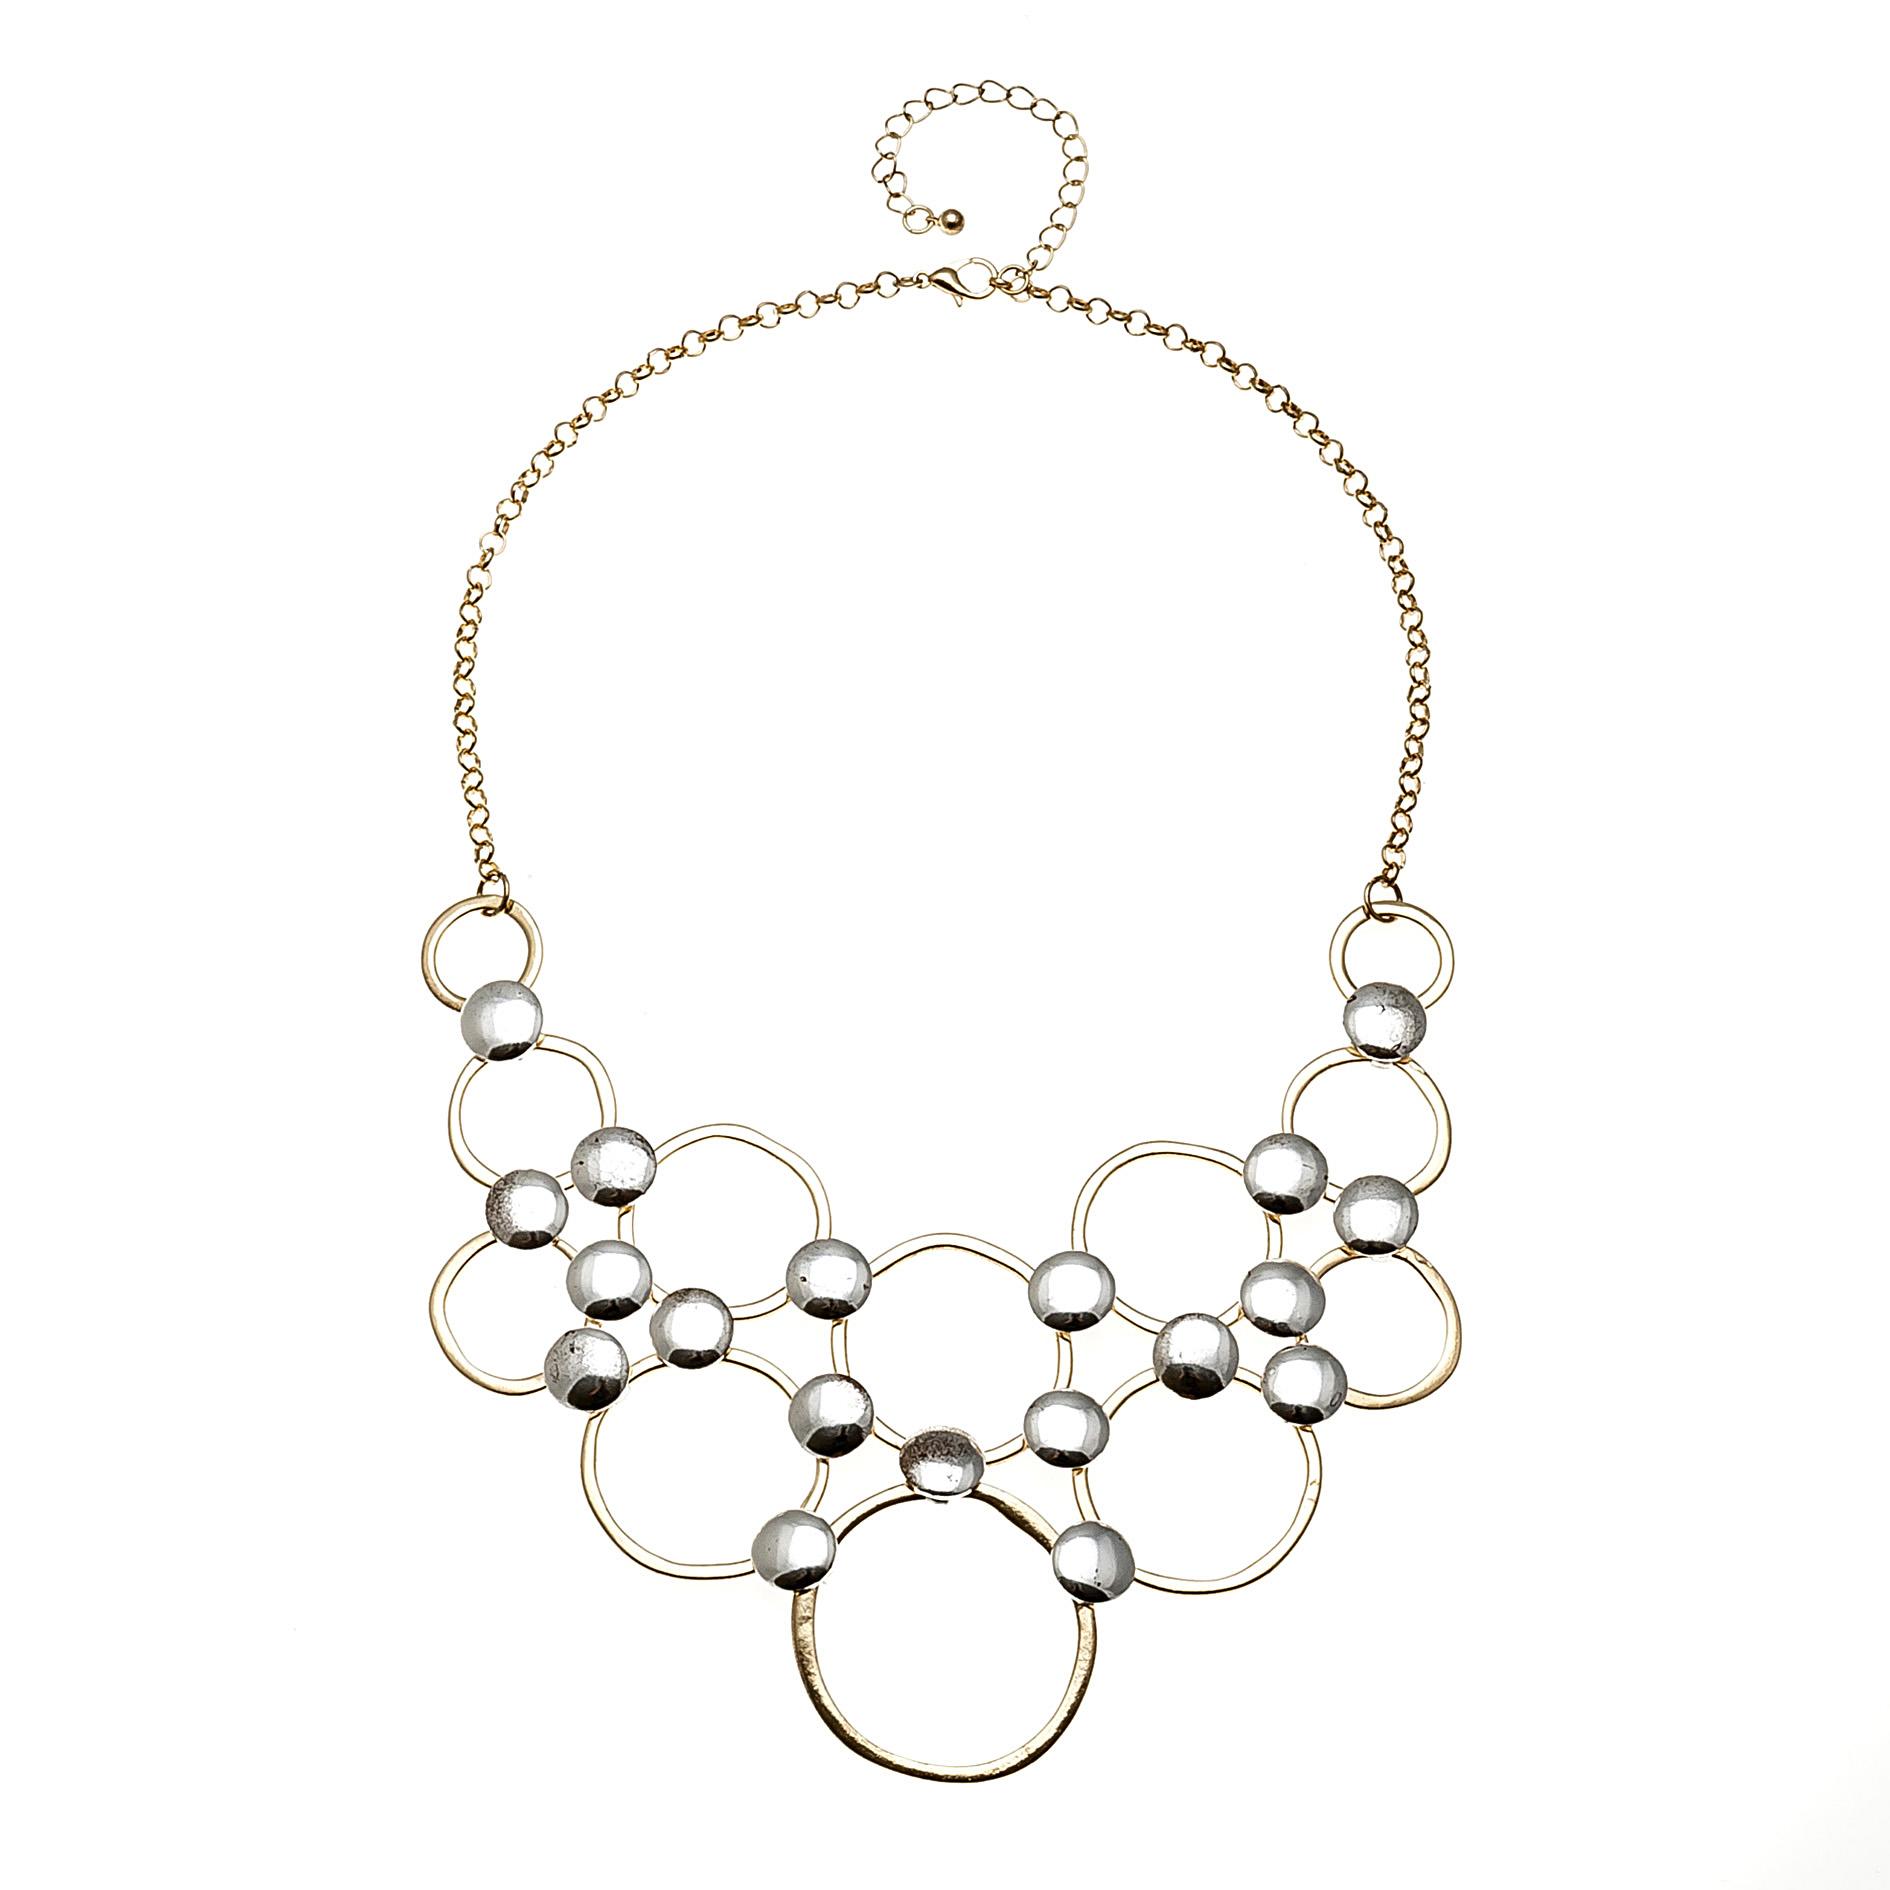 圆圈金属夸张项链